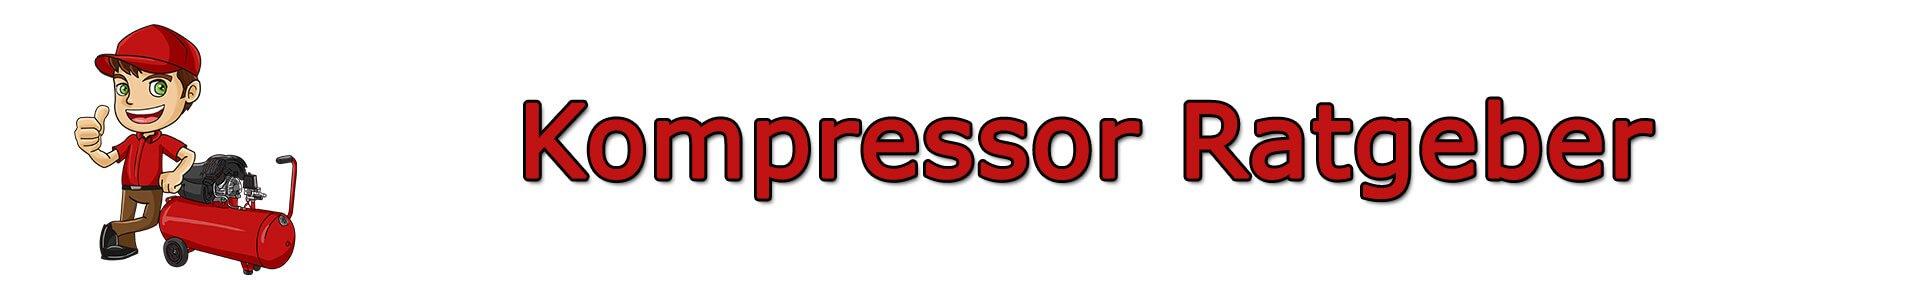 Kompressor-kaufen-Header